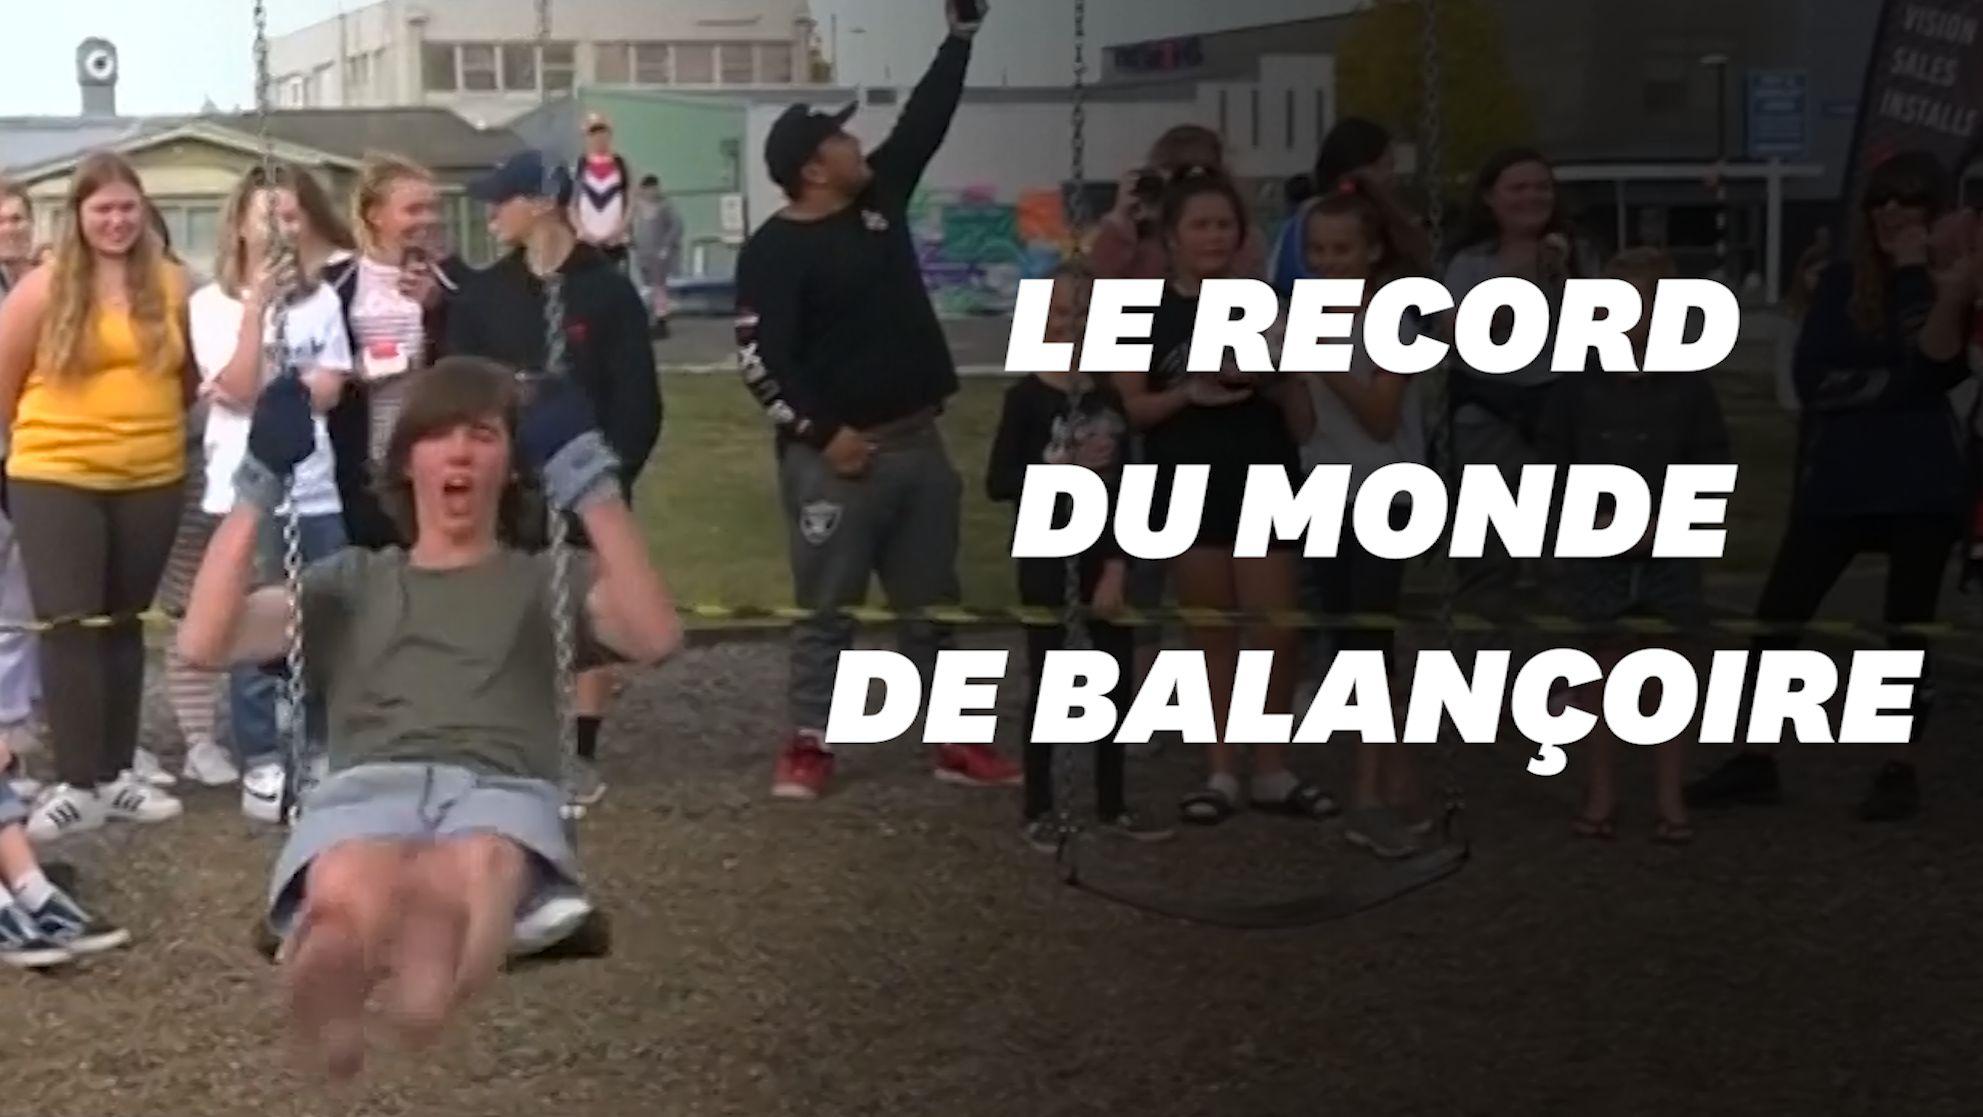 Le record du monde de balançoire battu par un